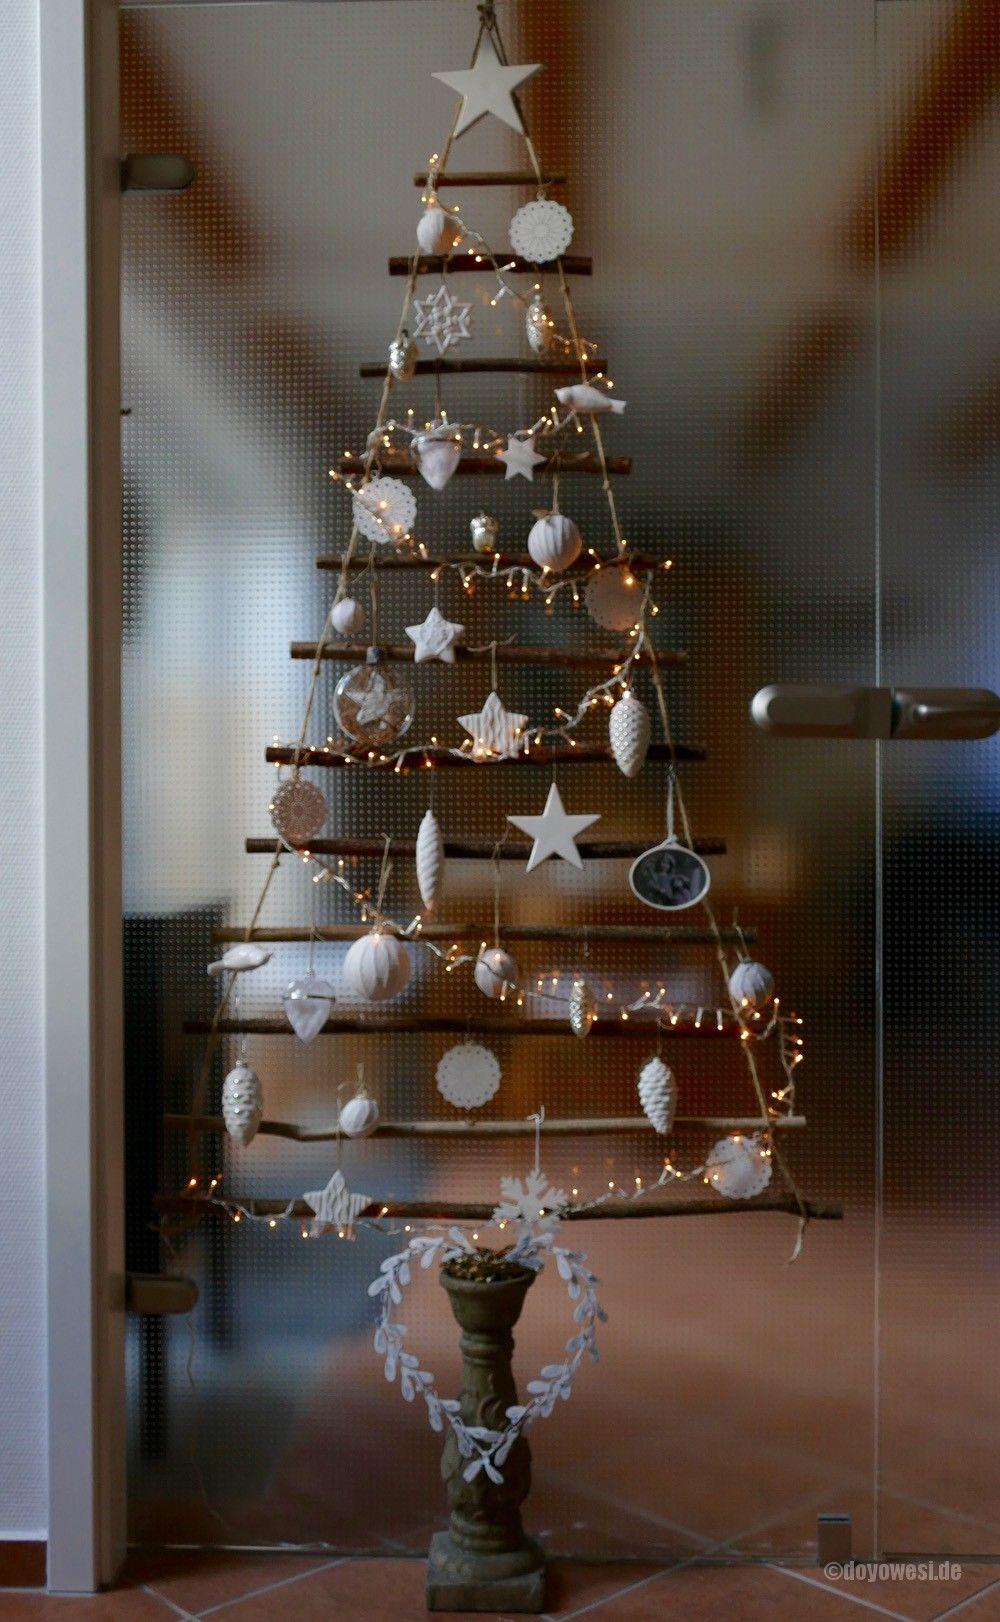 weihnachtsbaum t rbehang aus sten basteln f r. Black Bedroom Furniture Sets. Home Design Ideas